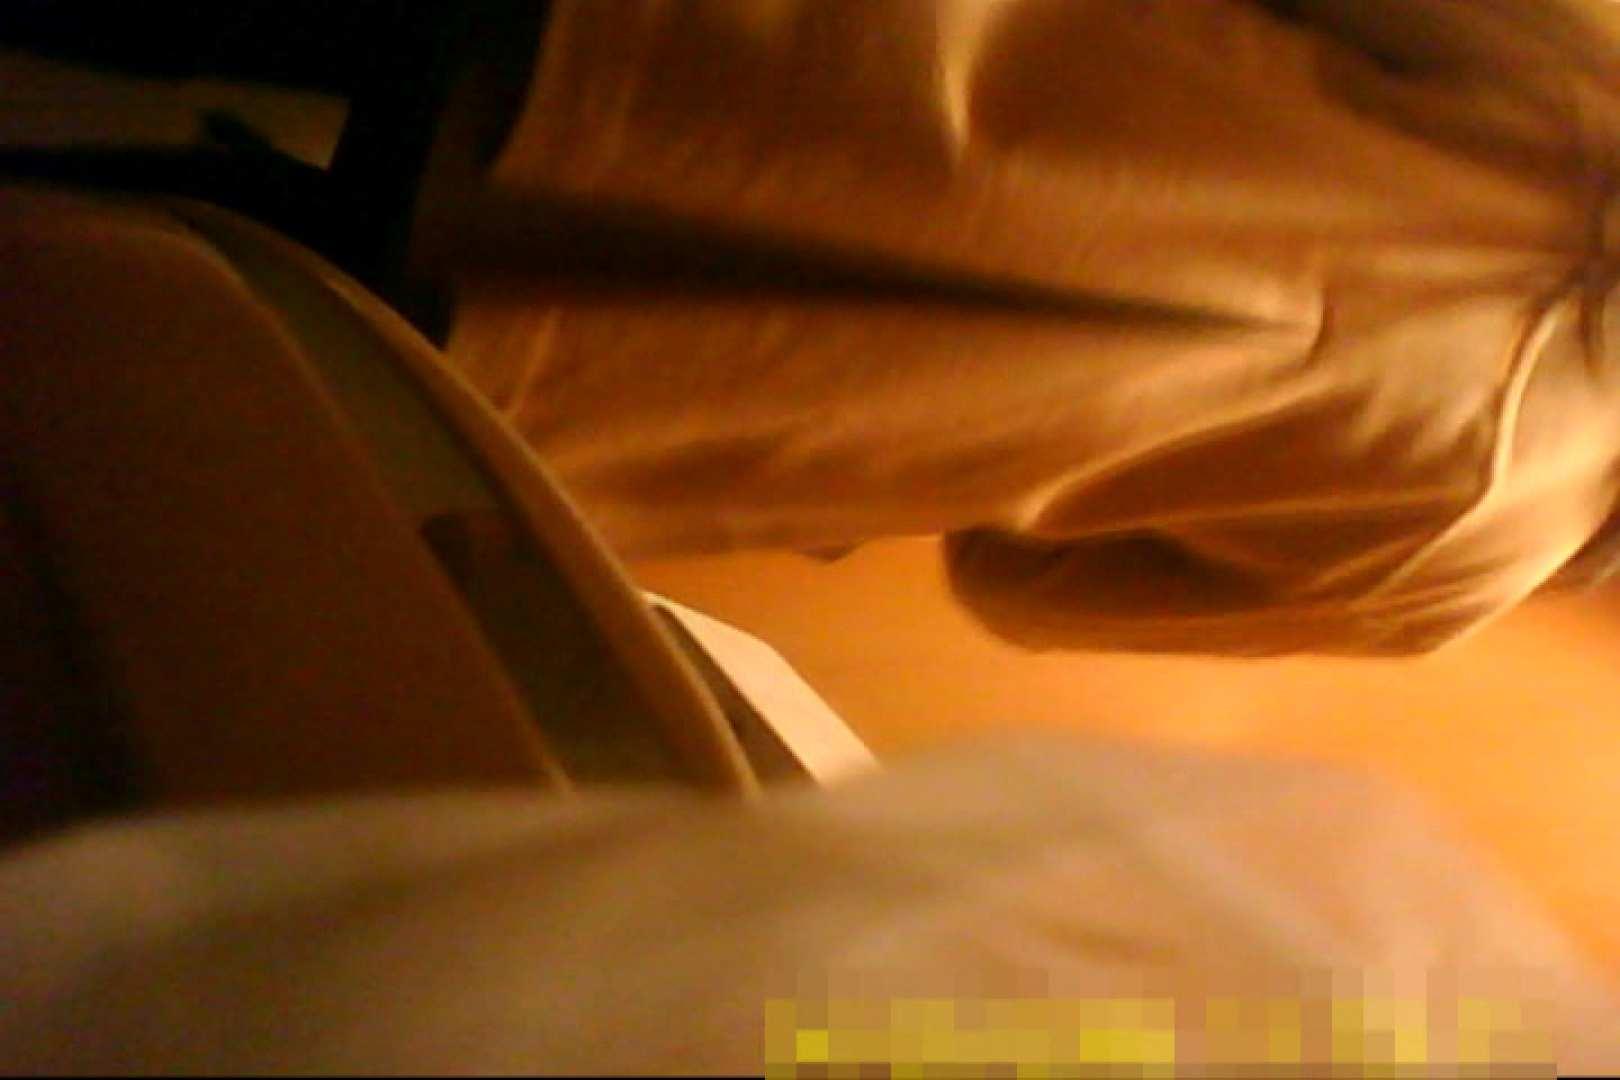 魅惑の化粧室~禁断のプライベート空間~vol.8 熟女 ぱこり動画紹介 84pic 54